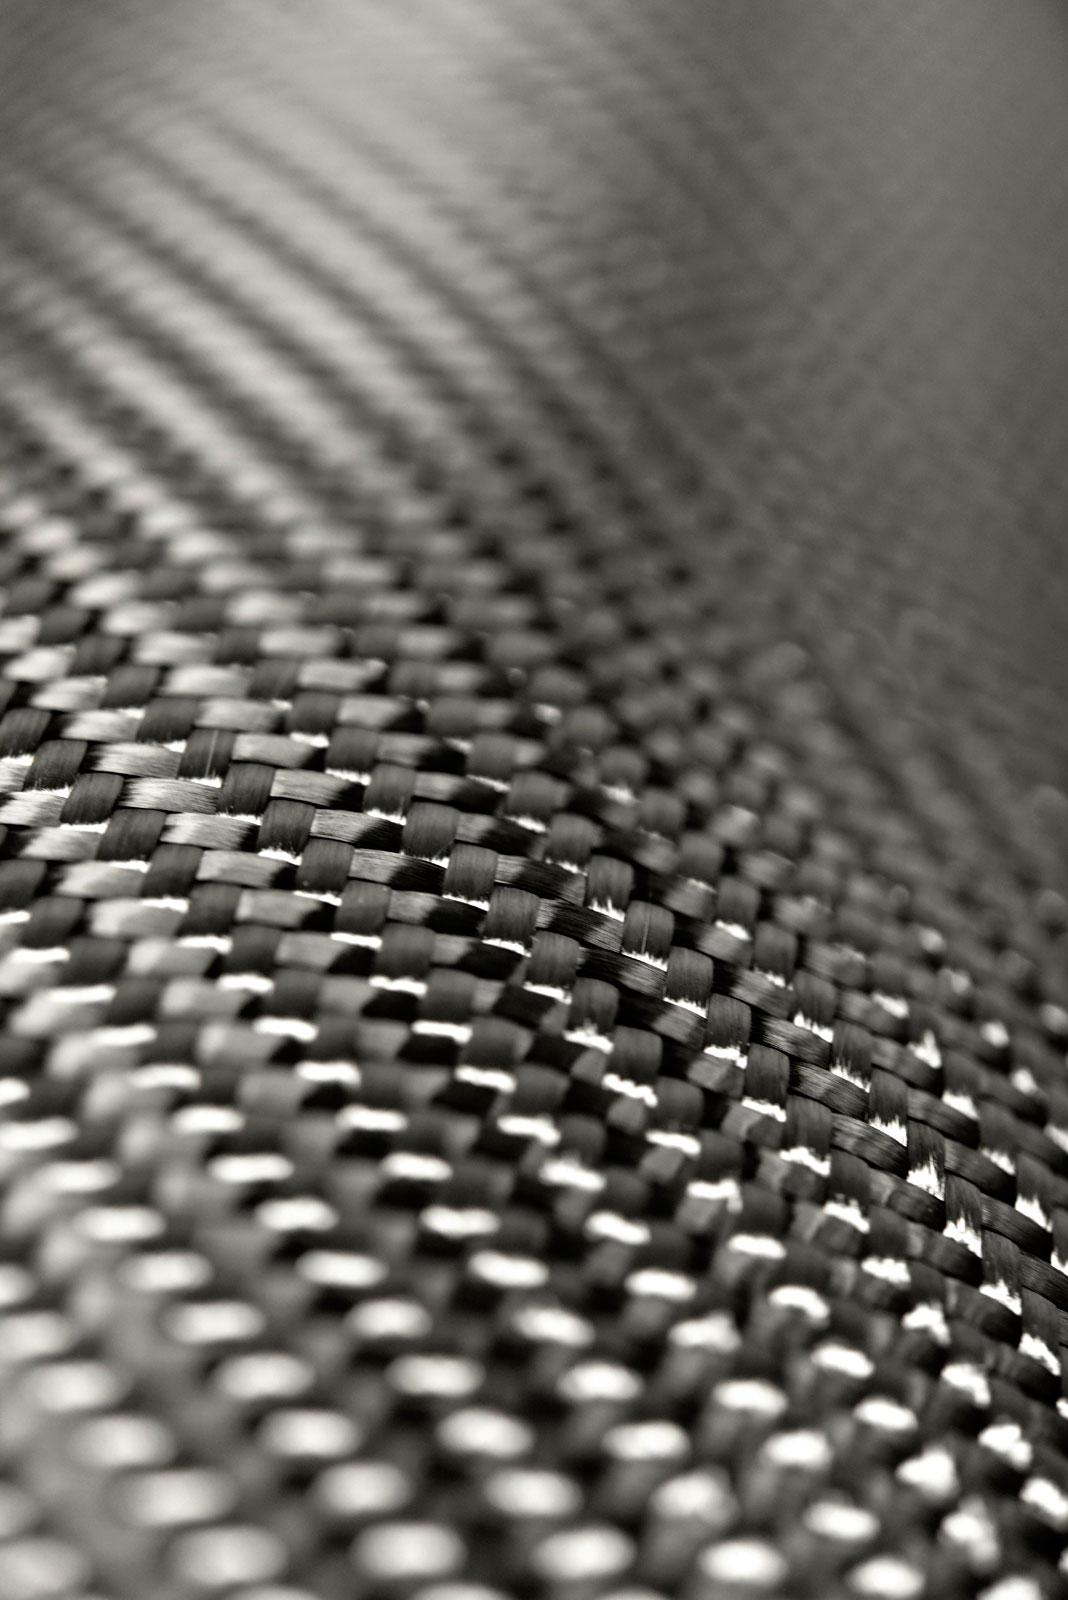 Peugeot Design Lab Onyx Sofa Carbon Fiber Texture Detail